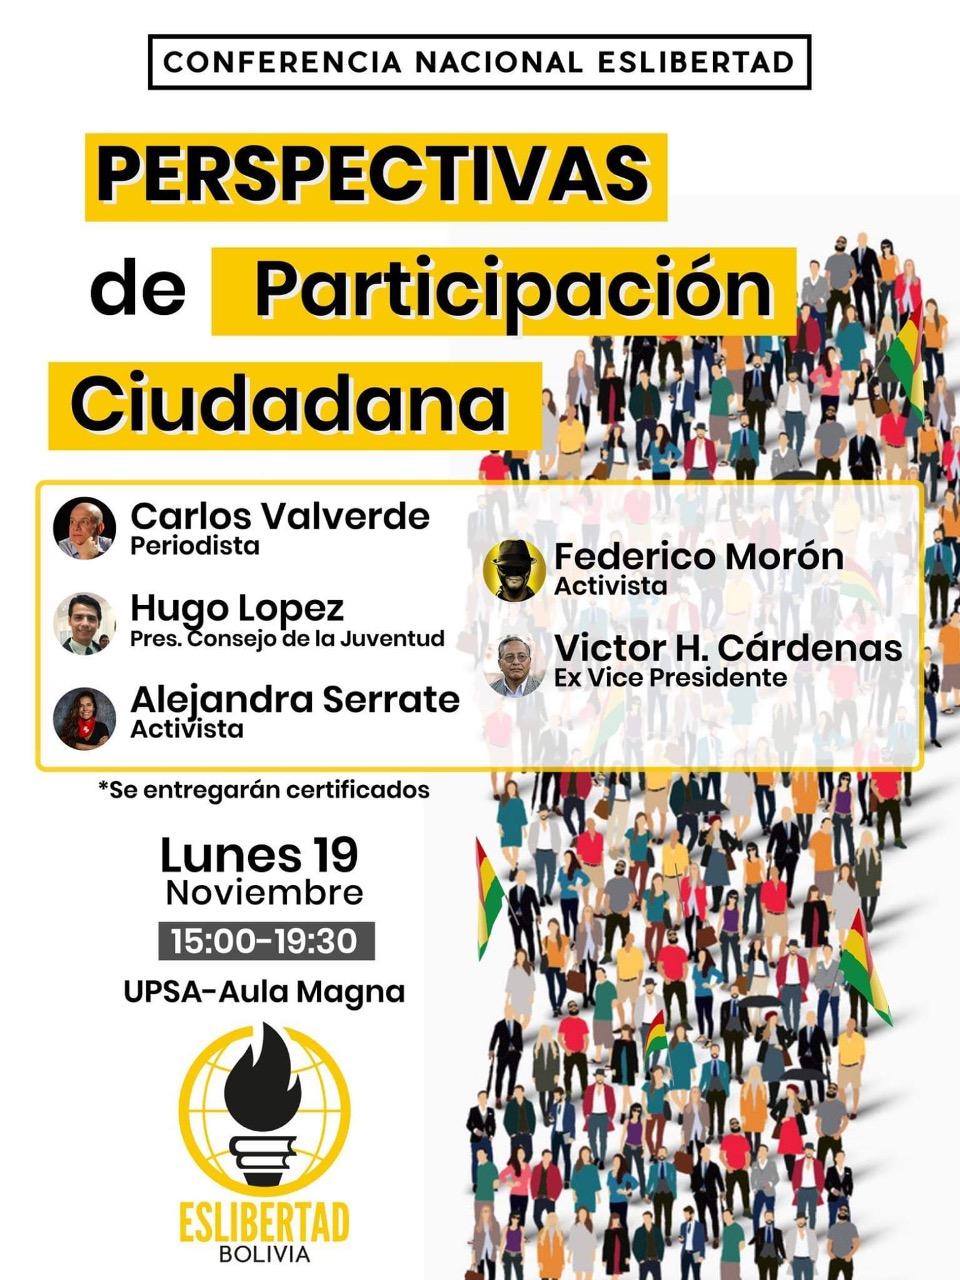 Exvicepresidente Cárdenas y periodista Valverde: conferencia sobre participación